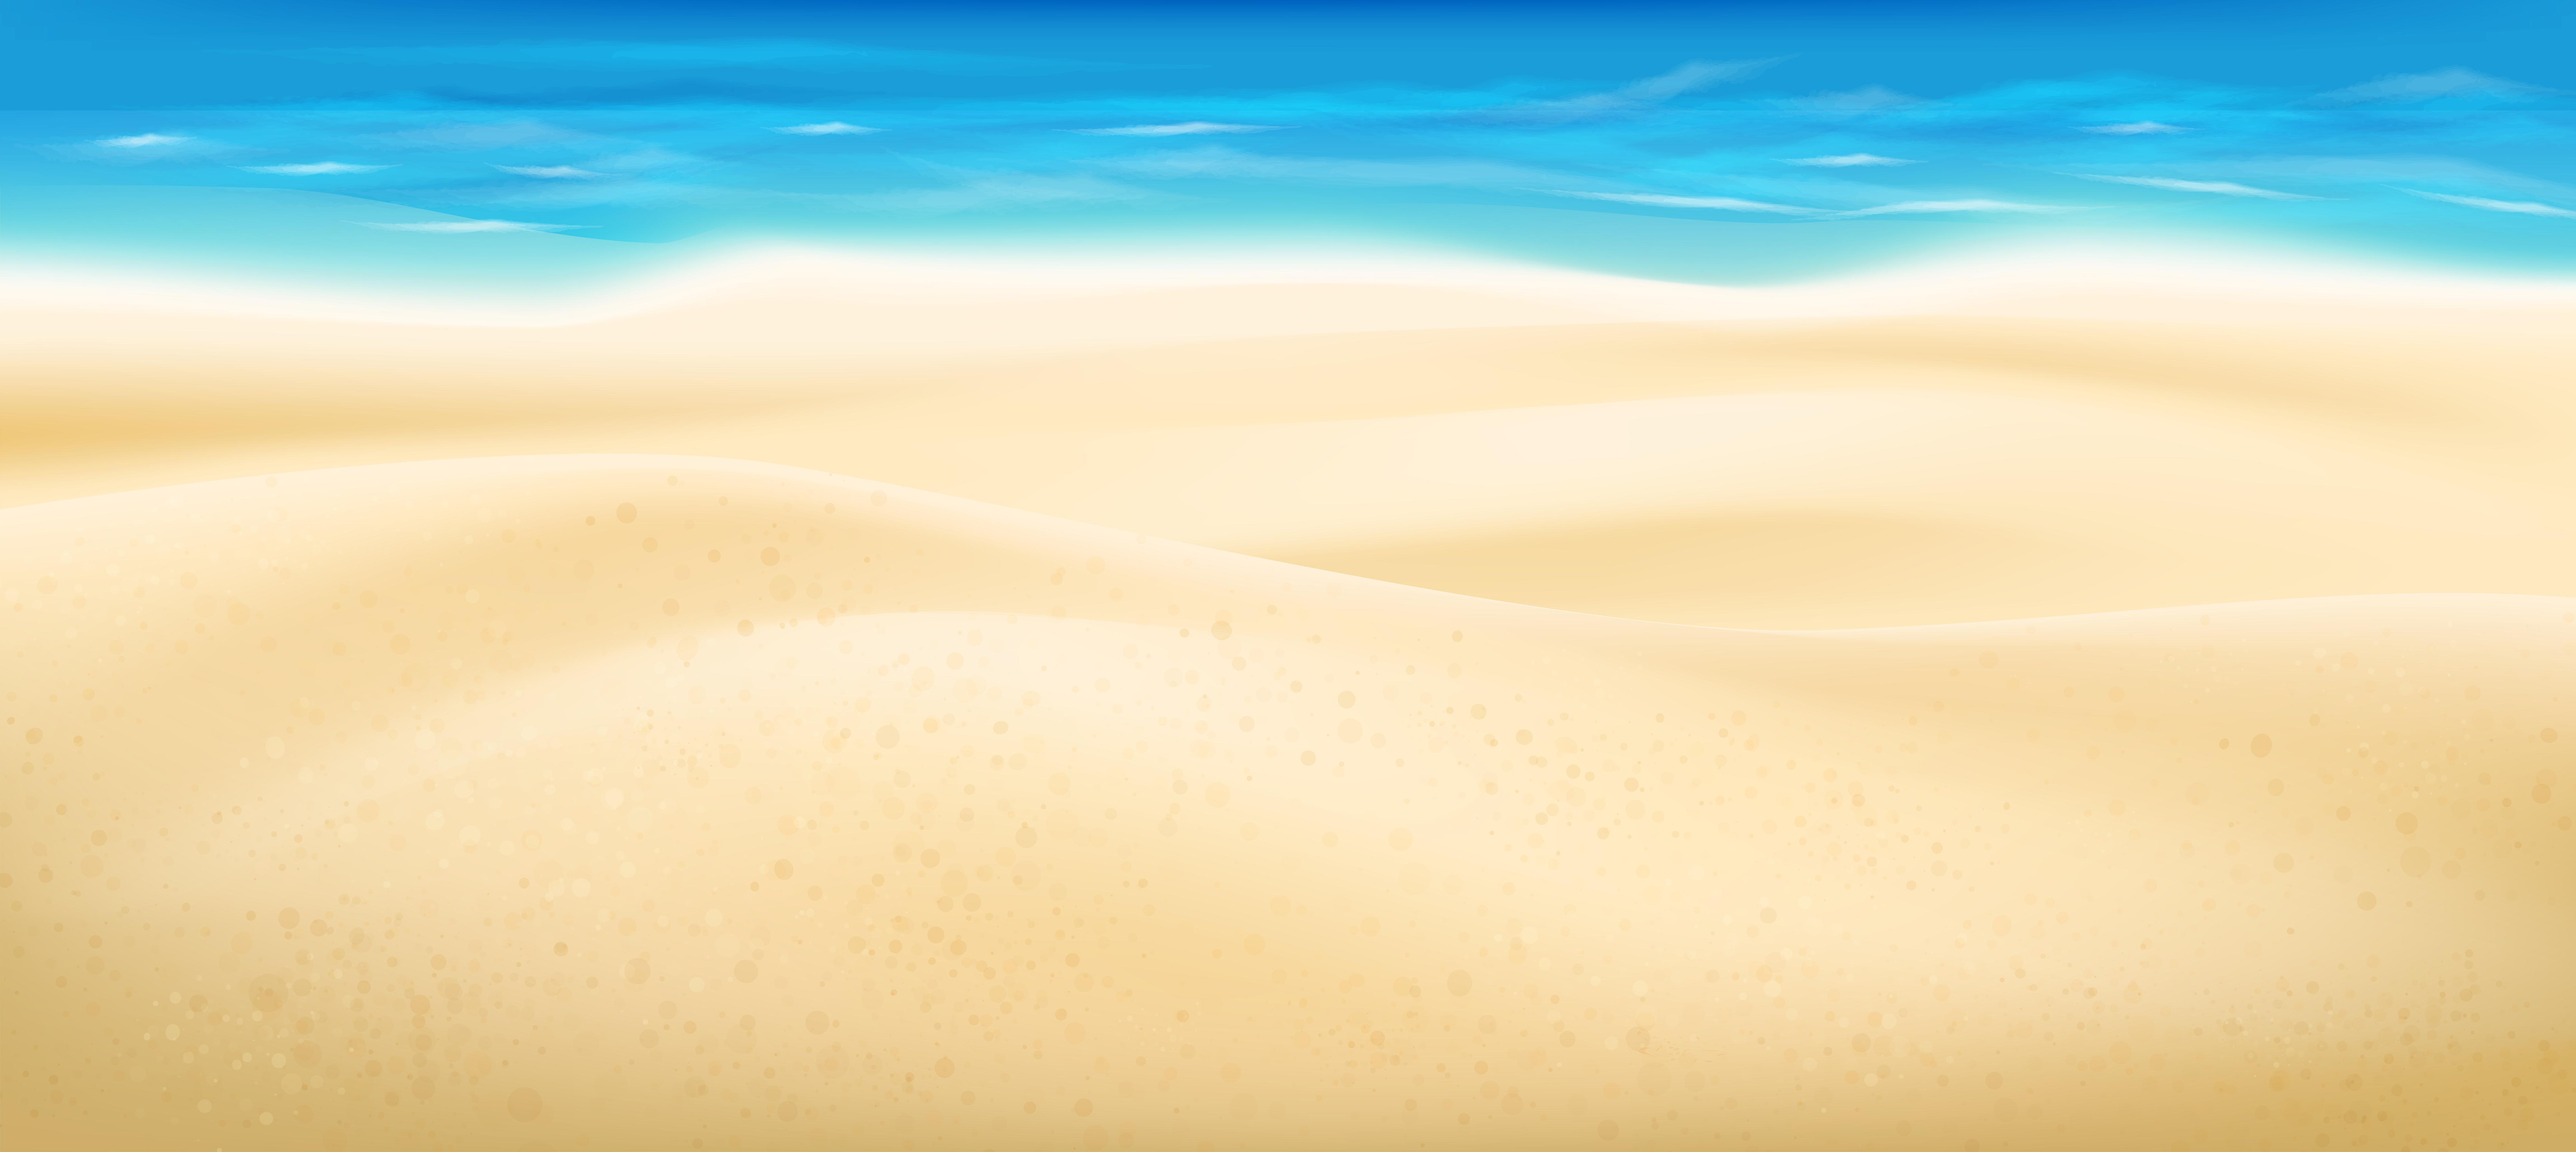 Sand clipart #13